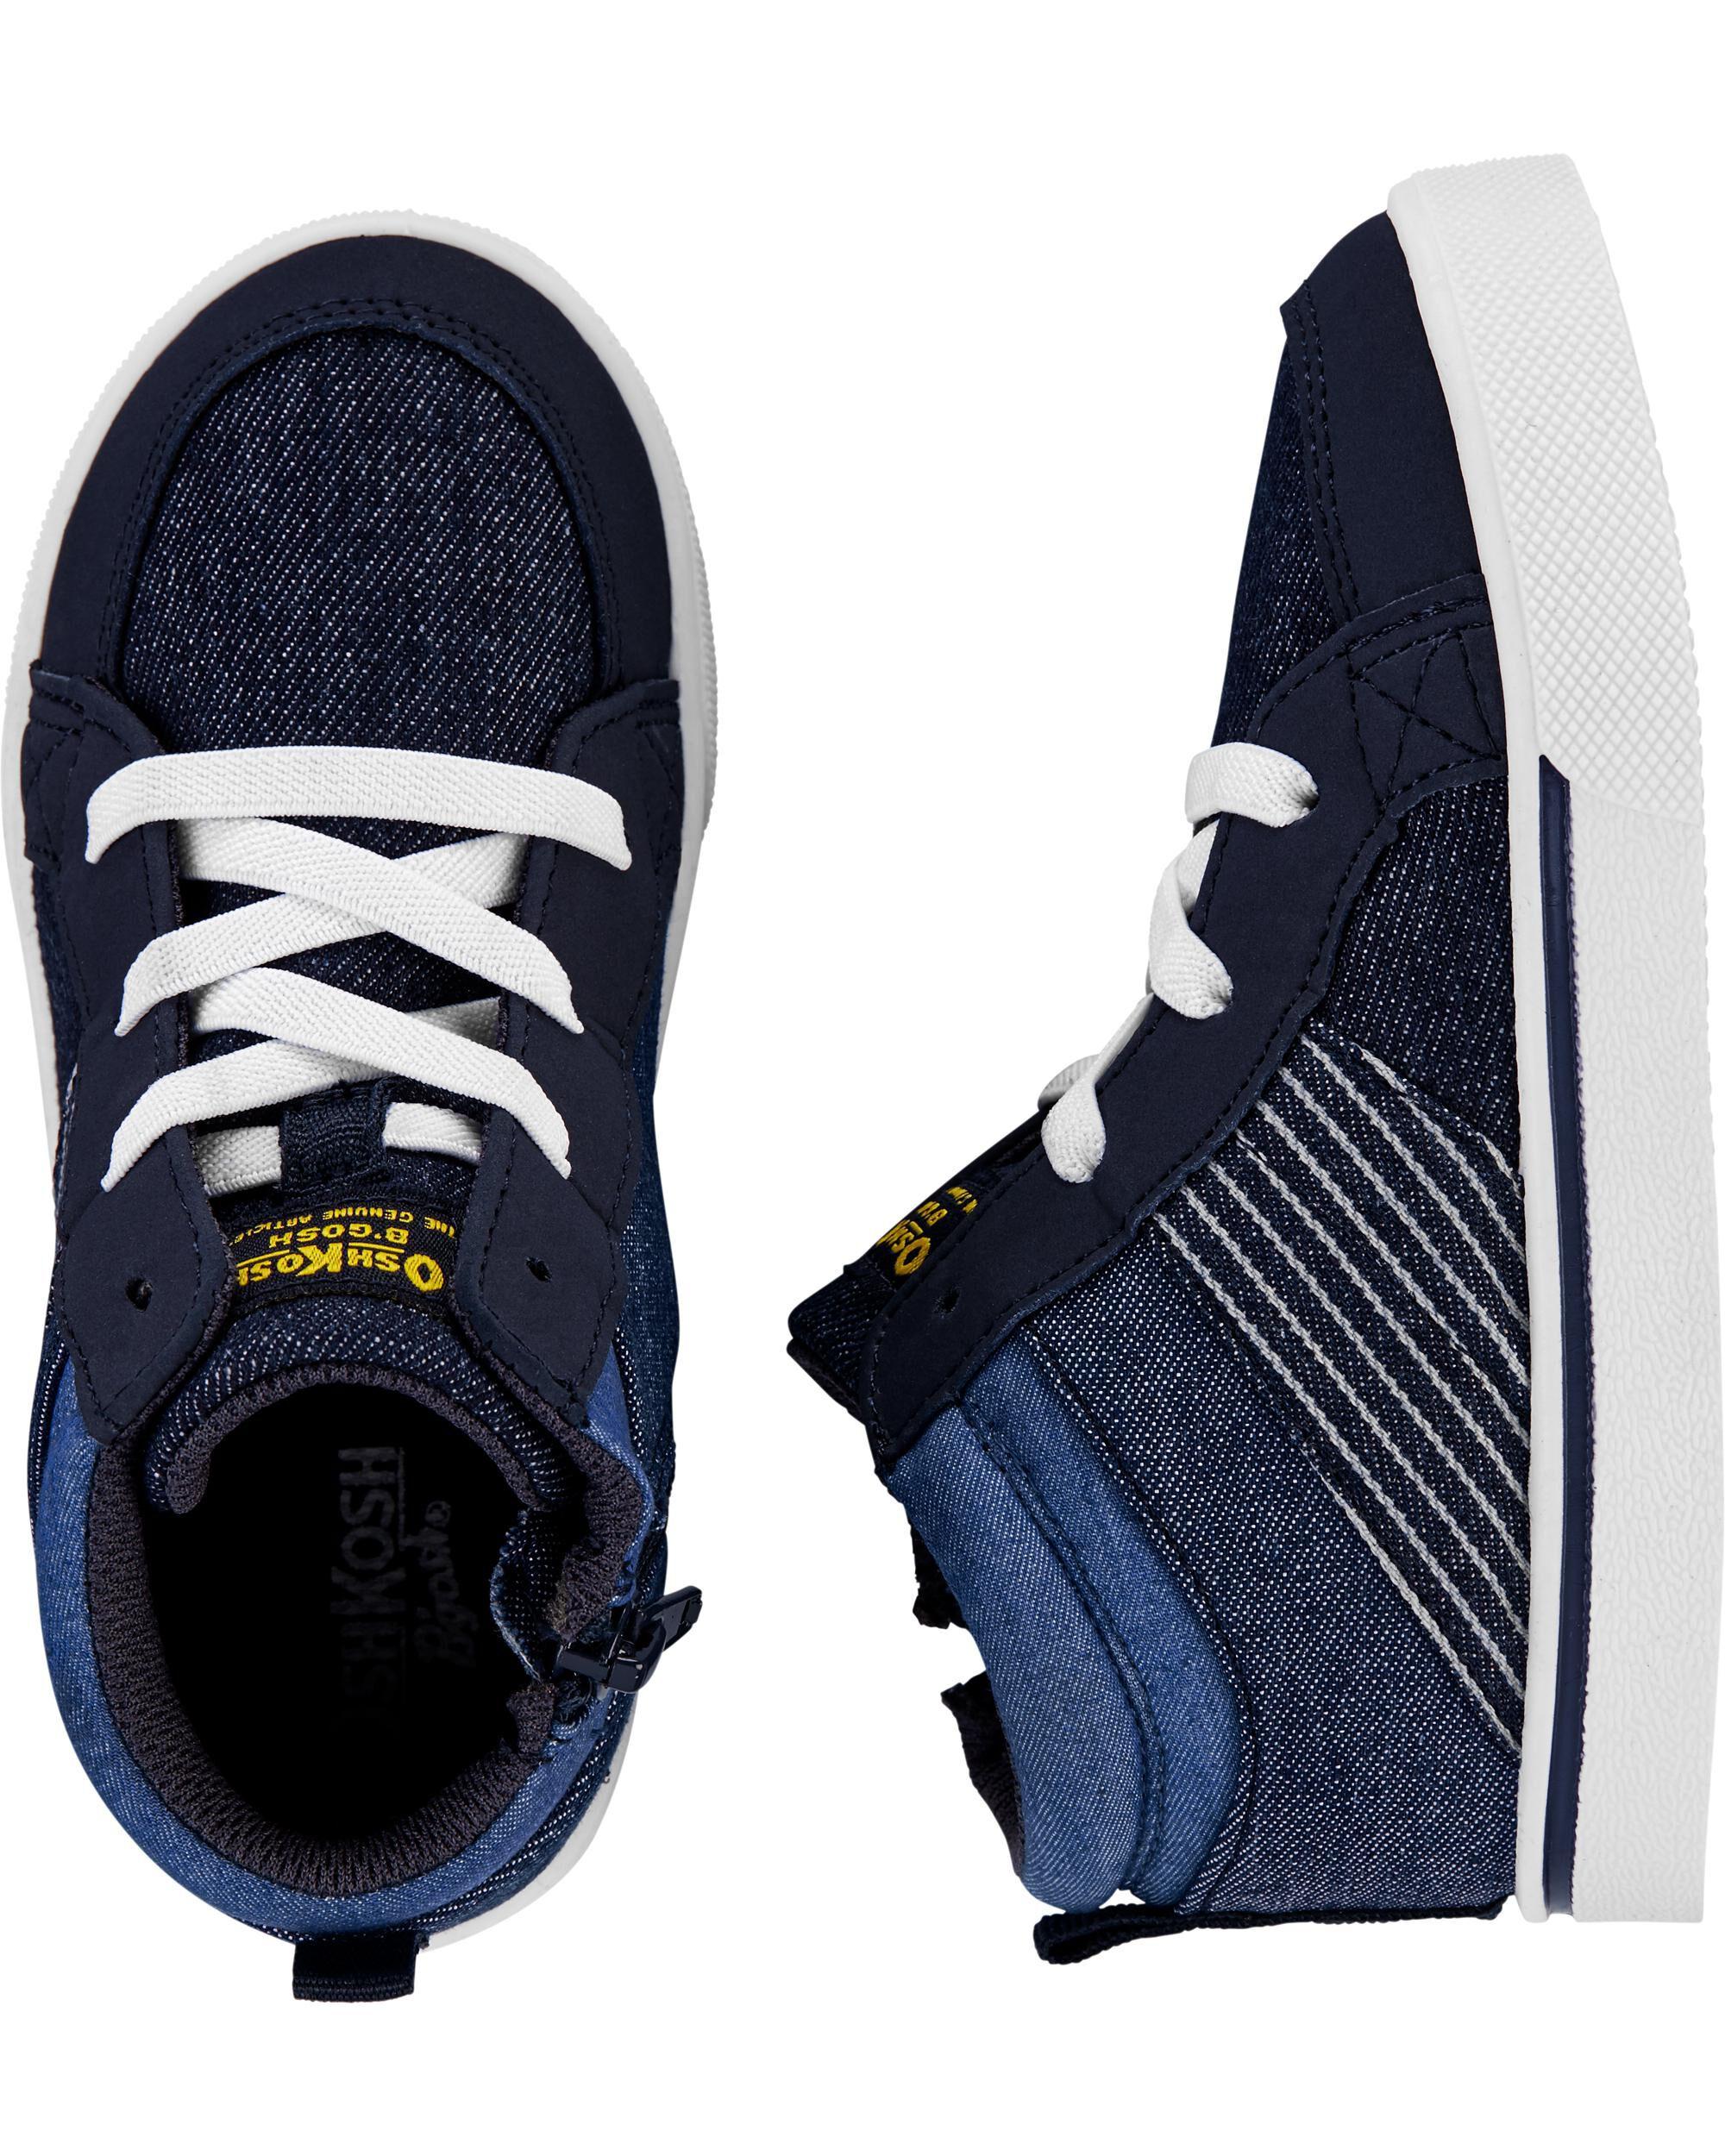 navy high top sneakers